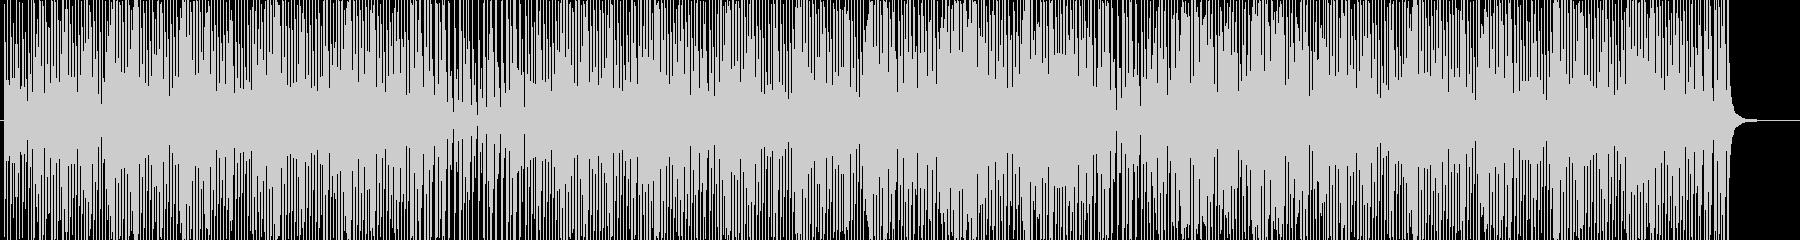 ピアノとウクレレ♬のキュートポップ-動画の未再生の波形